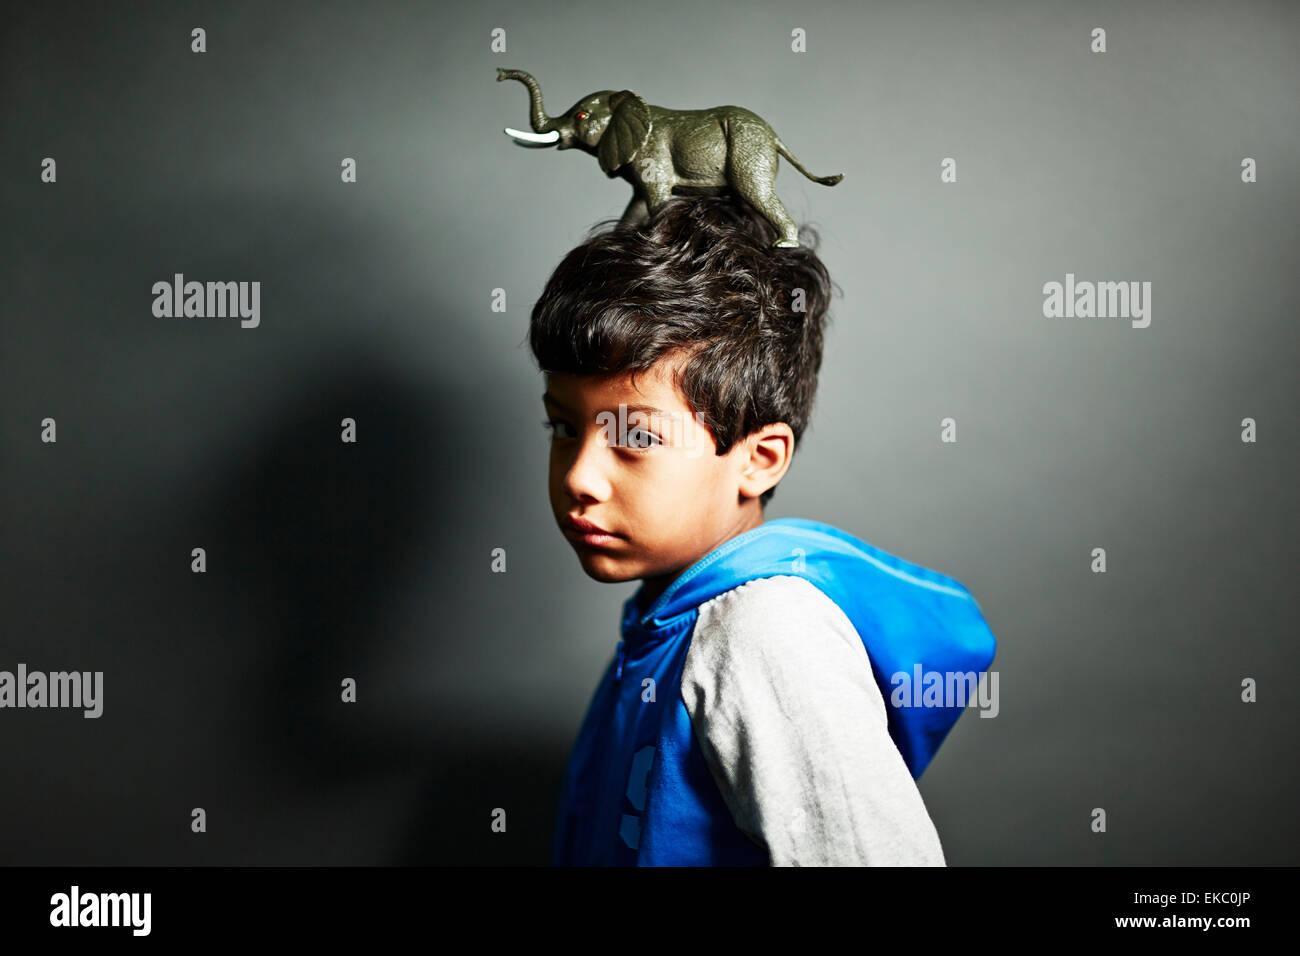 Ragazzo con elefante ornamento sulla parte superiore della testa Immagini Stock